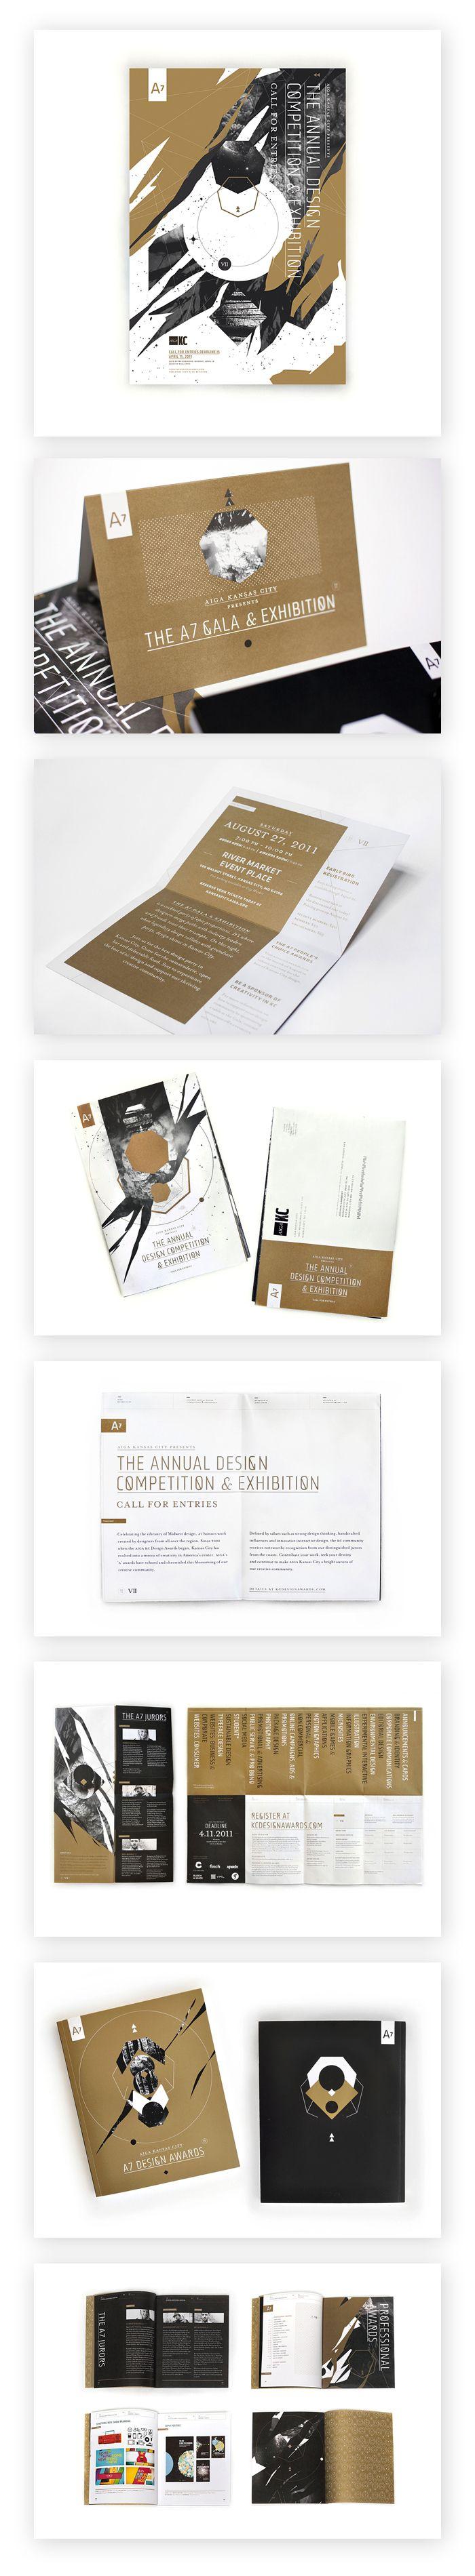 AIGA KC A7 Design Awards